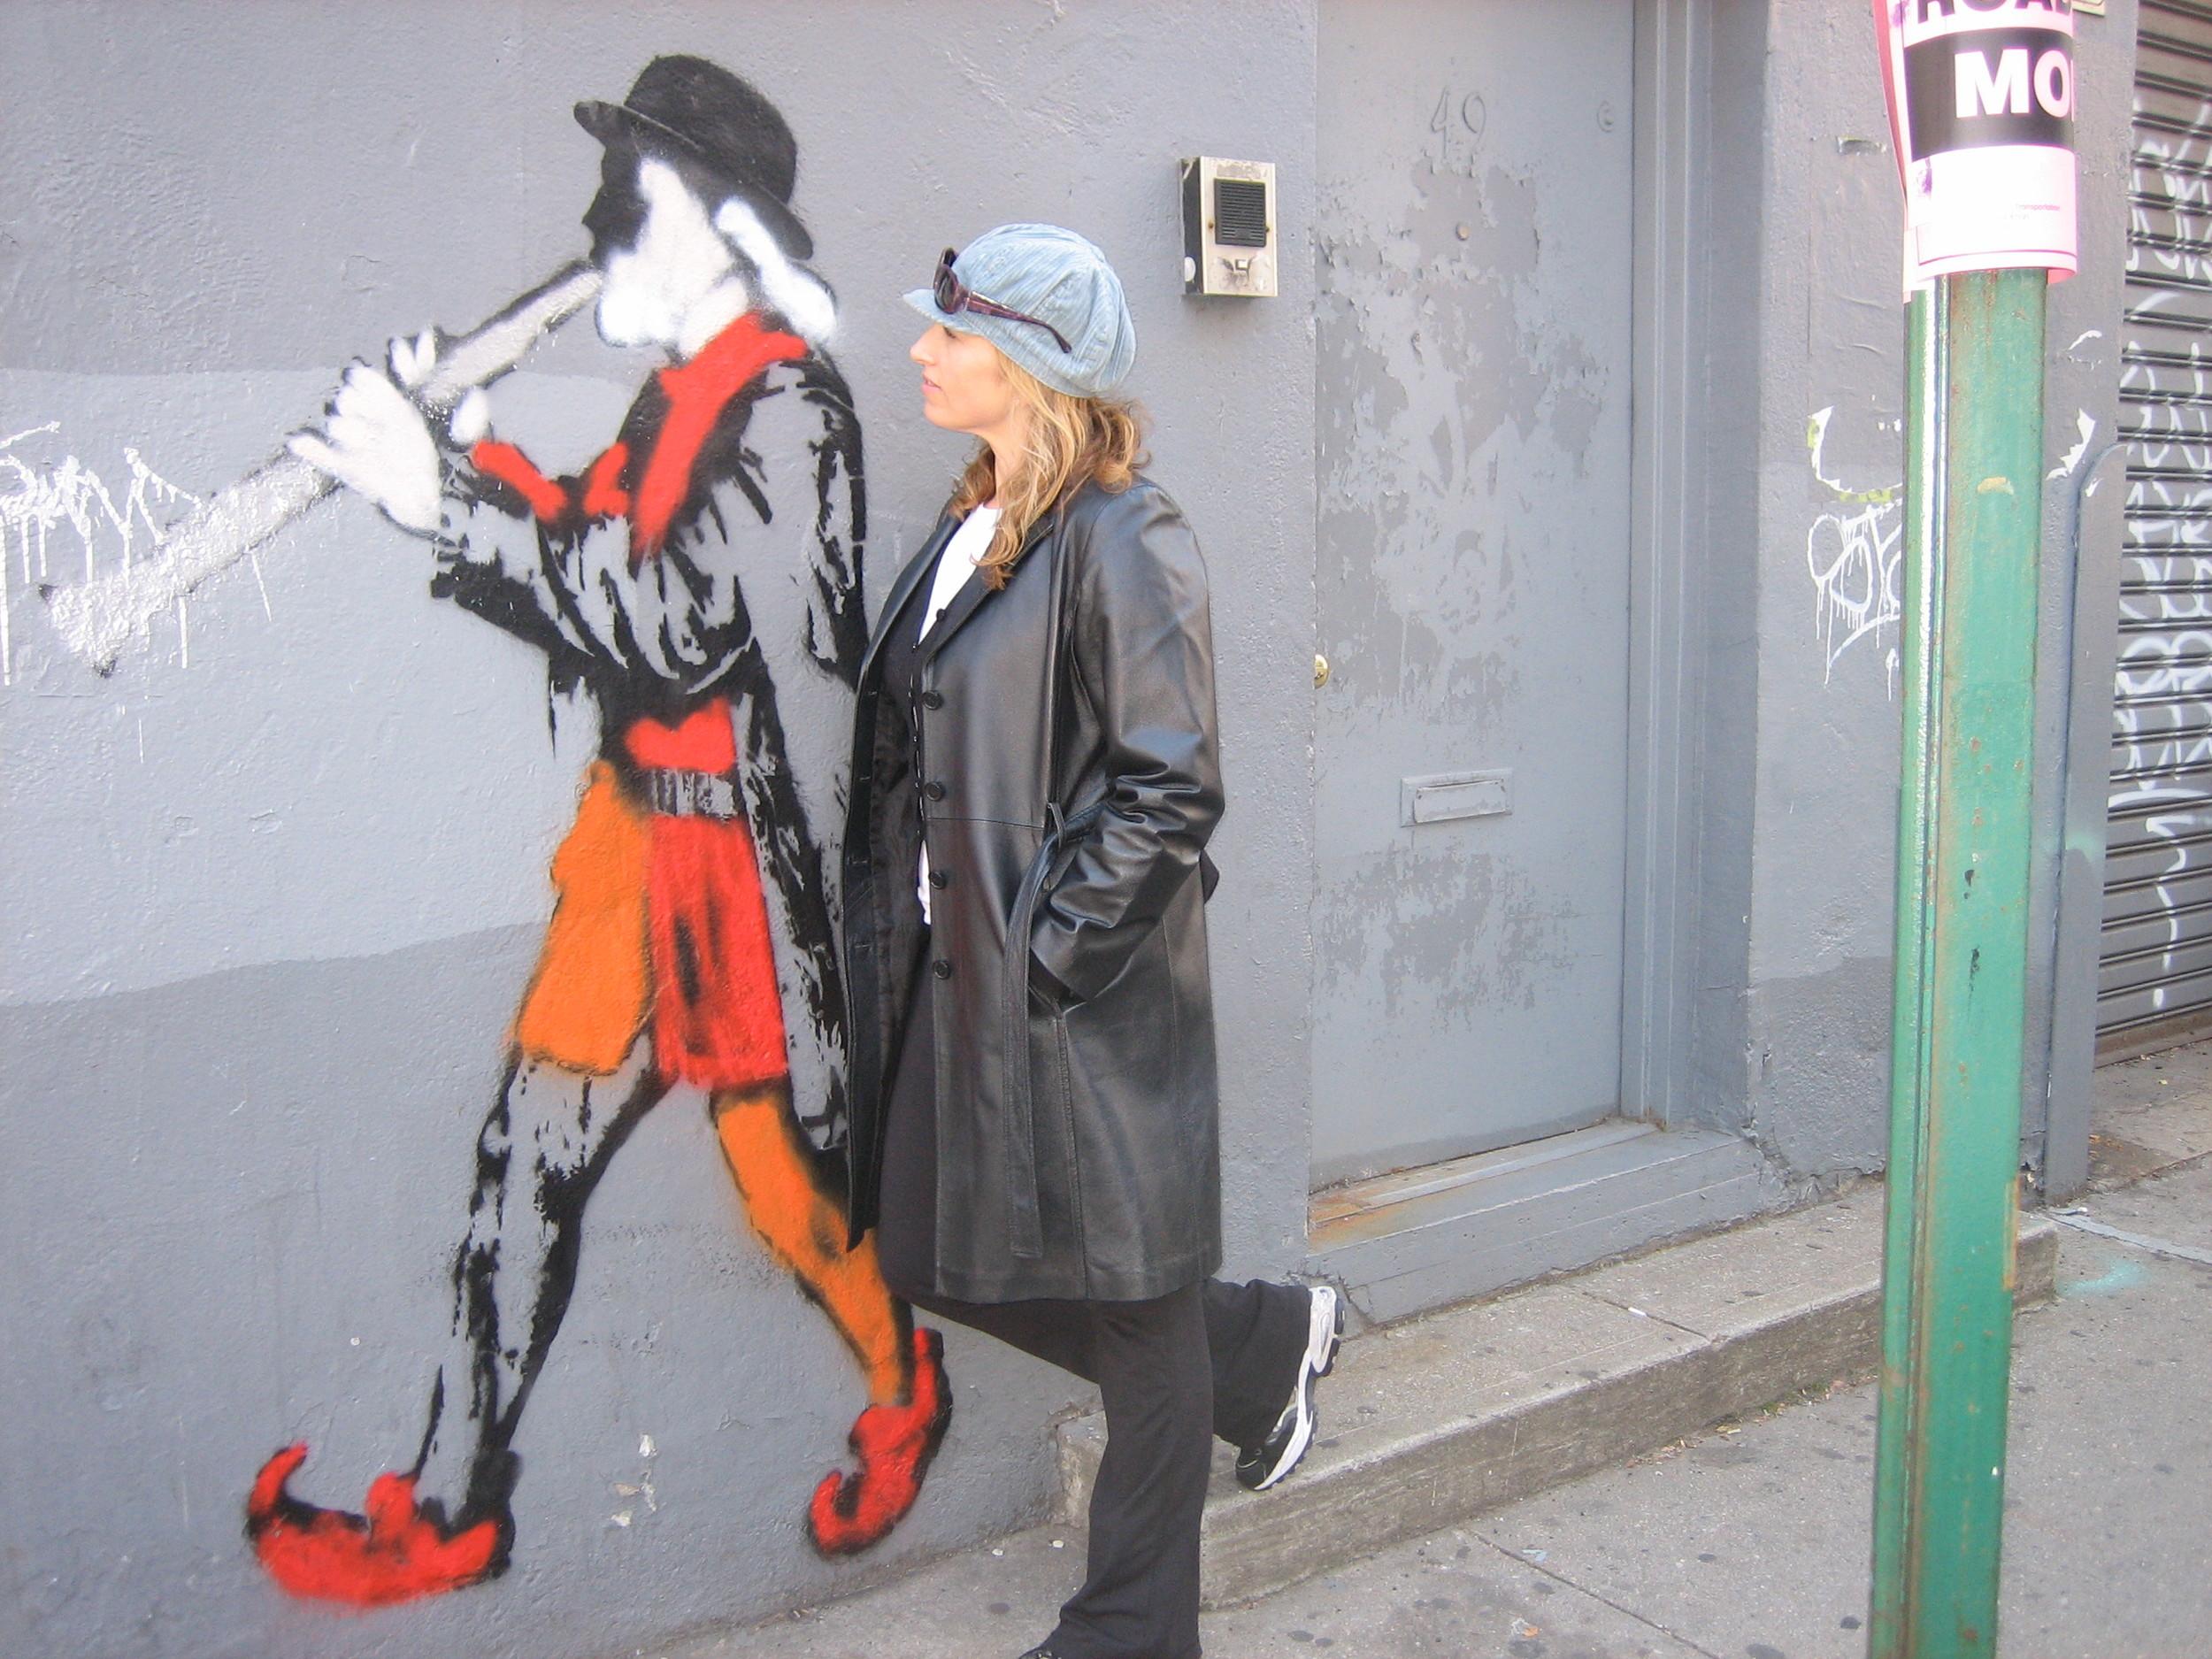 fall2008 006.JPG